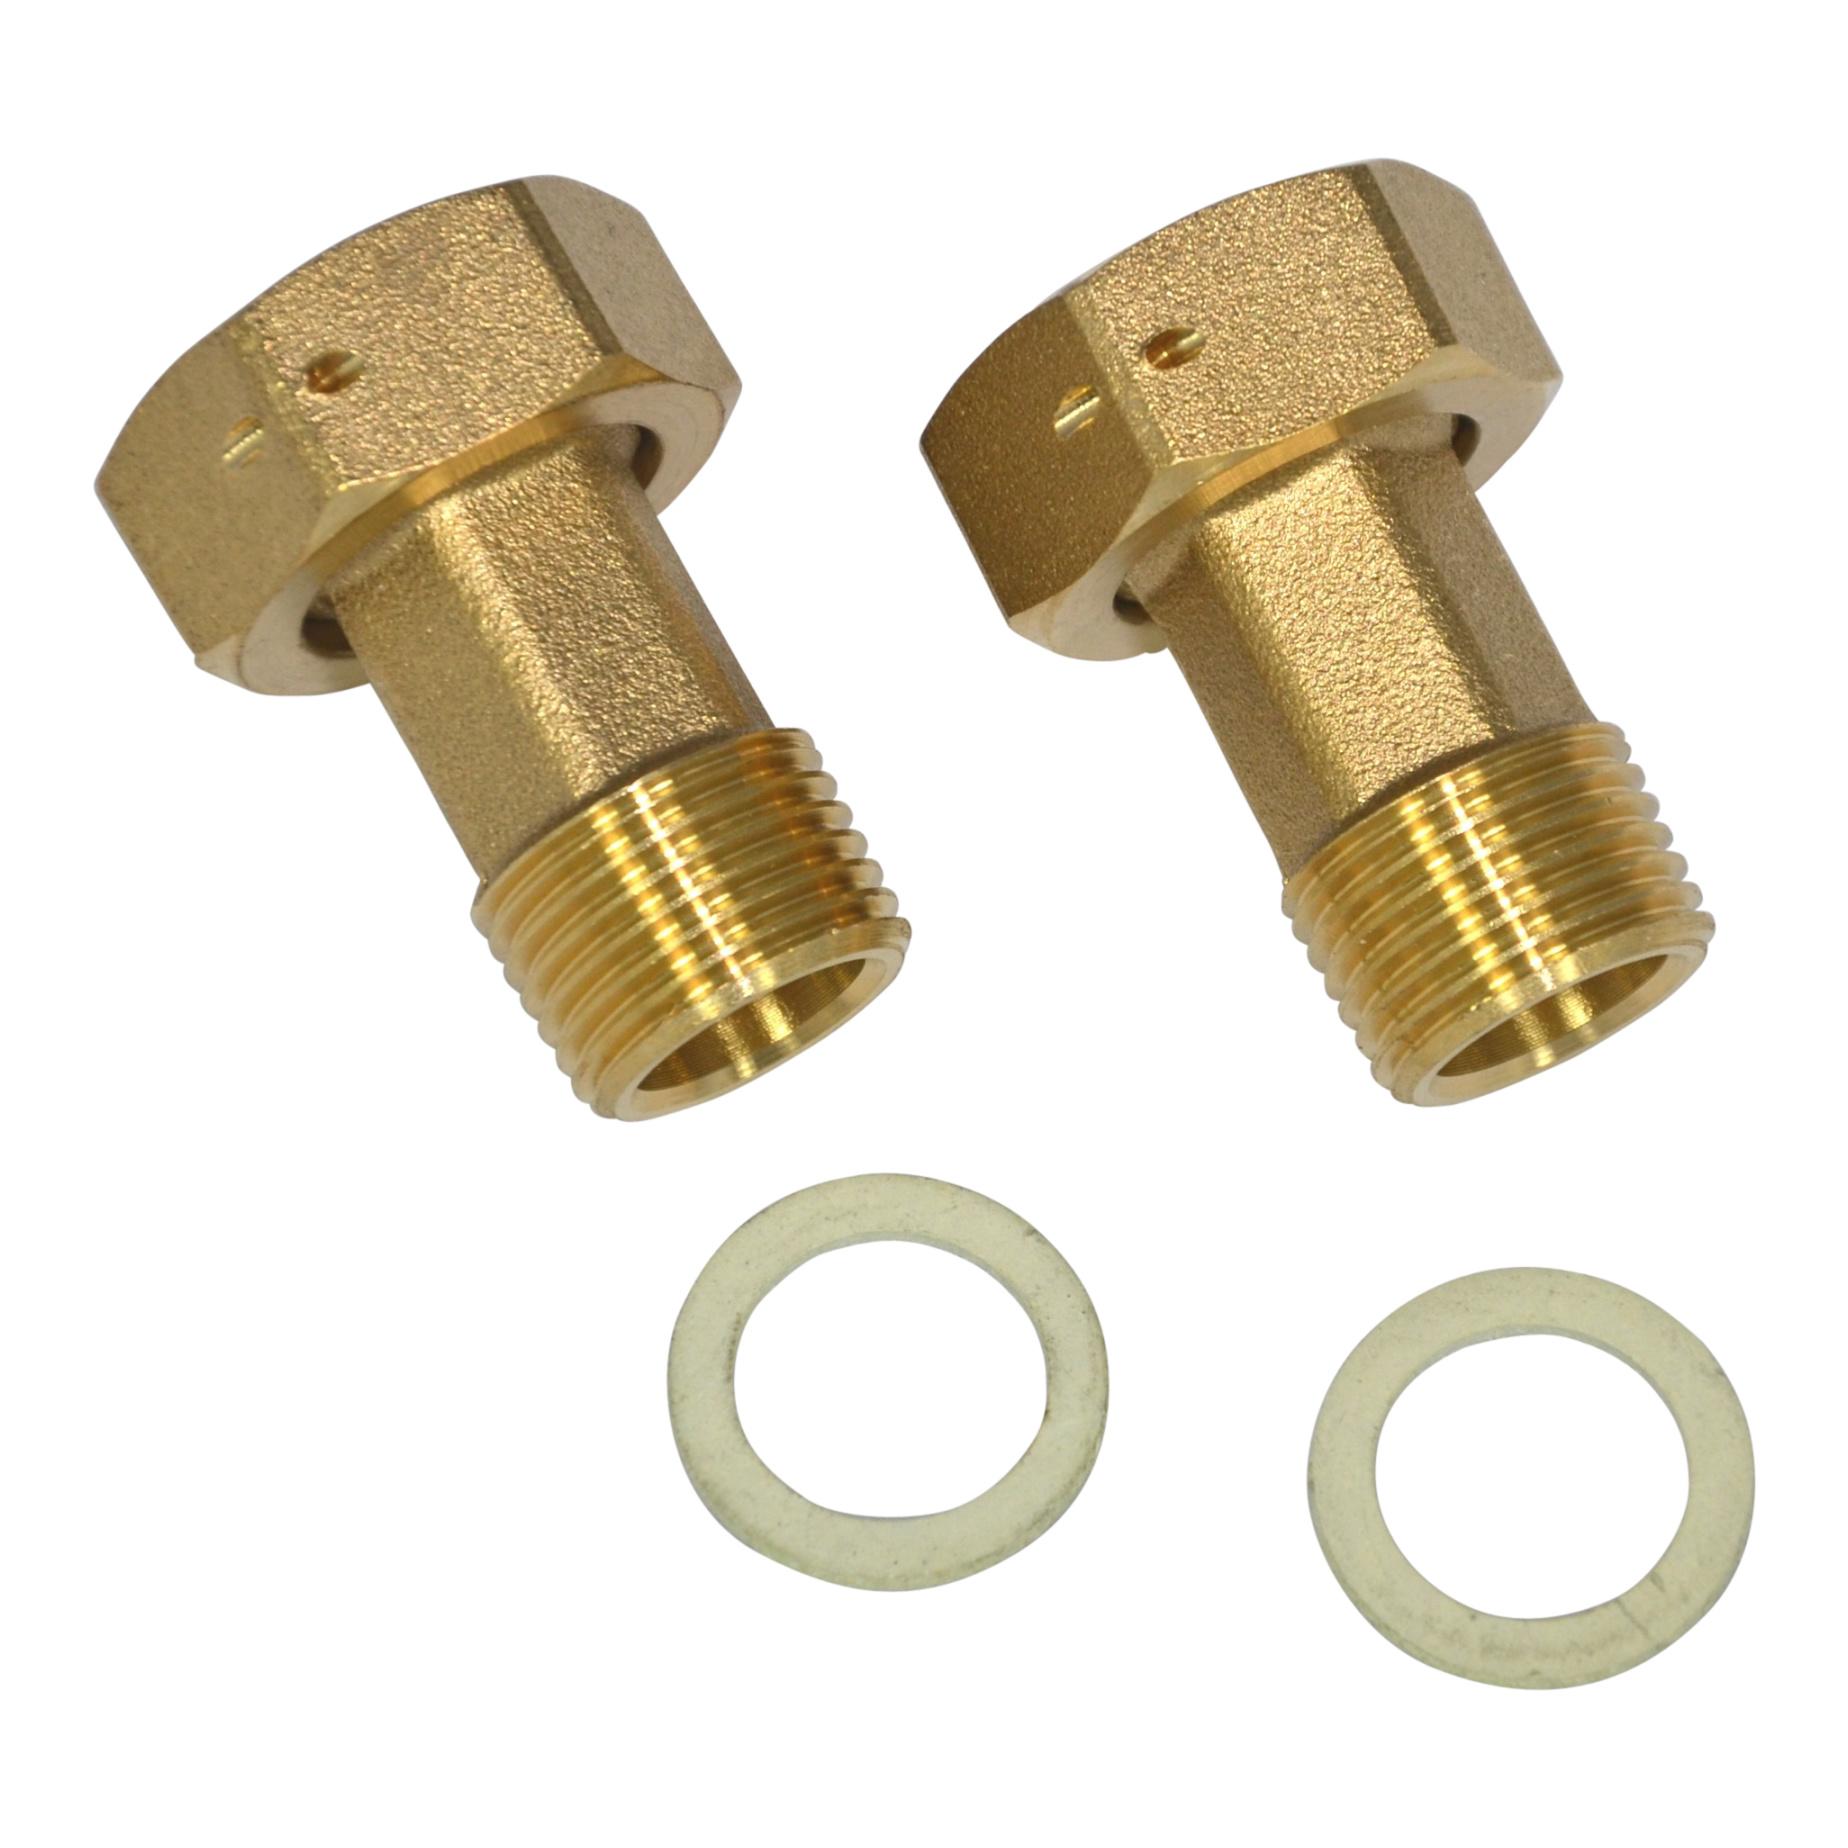 1 Stk. ReIaissockel PF113A 11-Pin Oktal Basis fuer JQX-10F 3Z T4Z8 1X